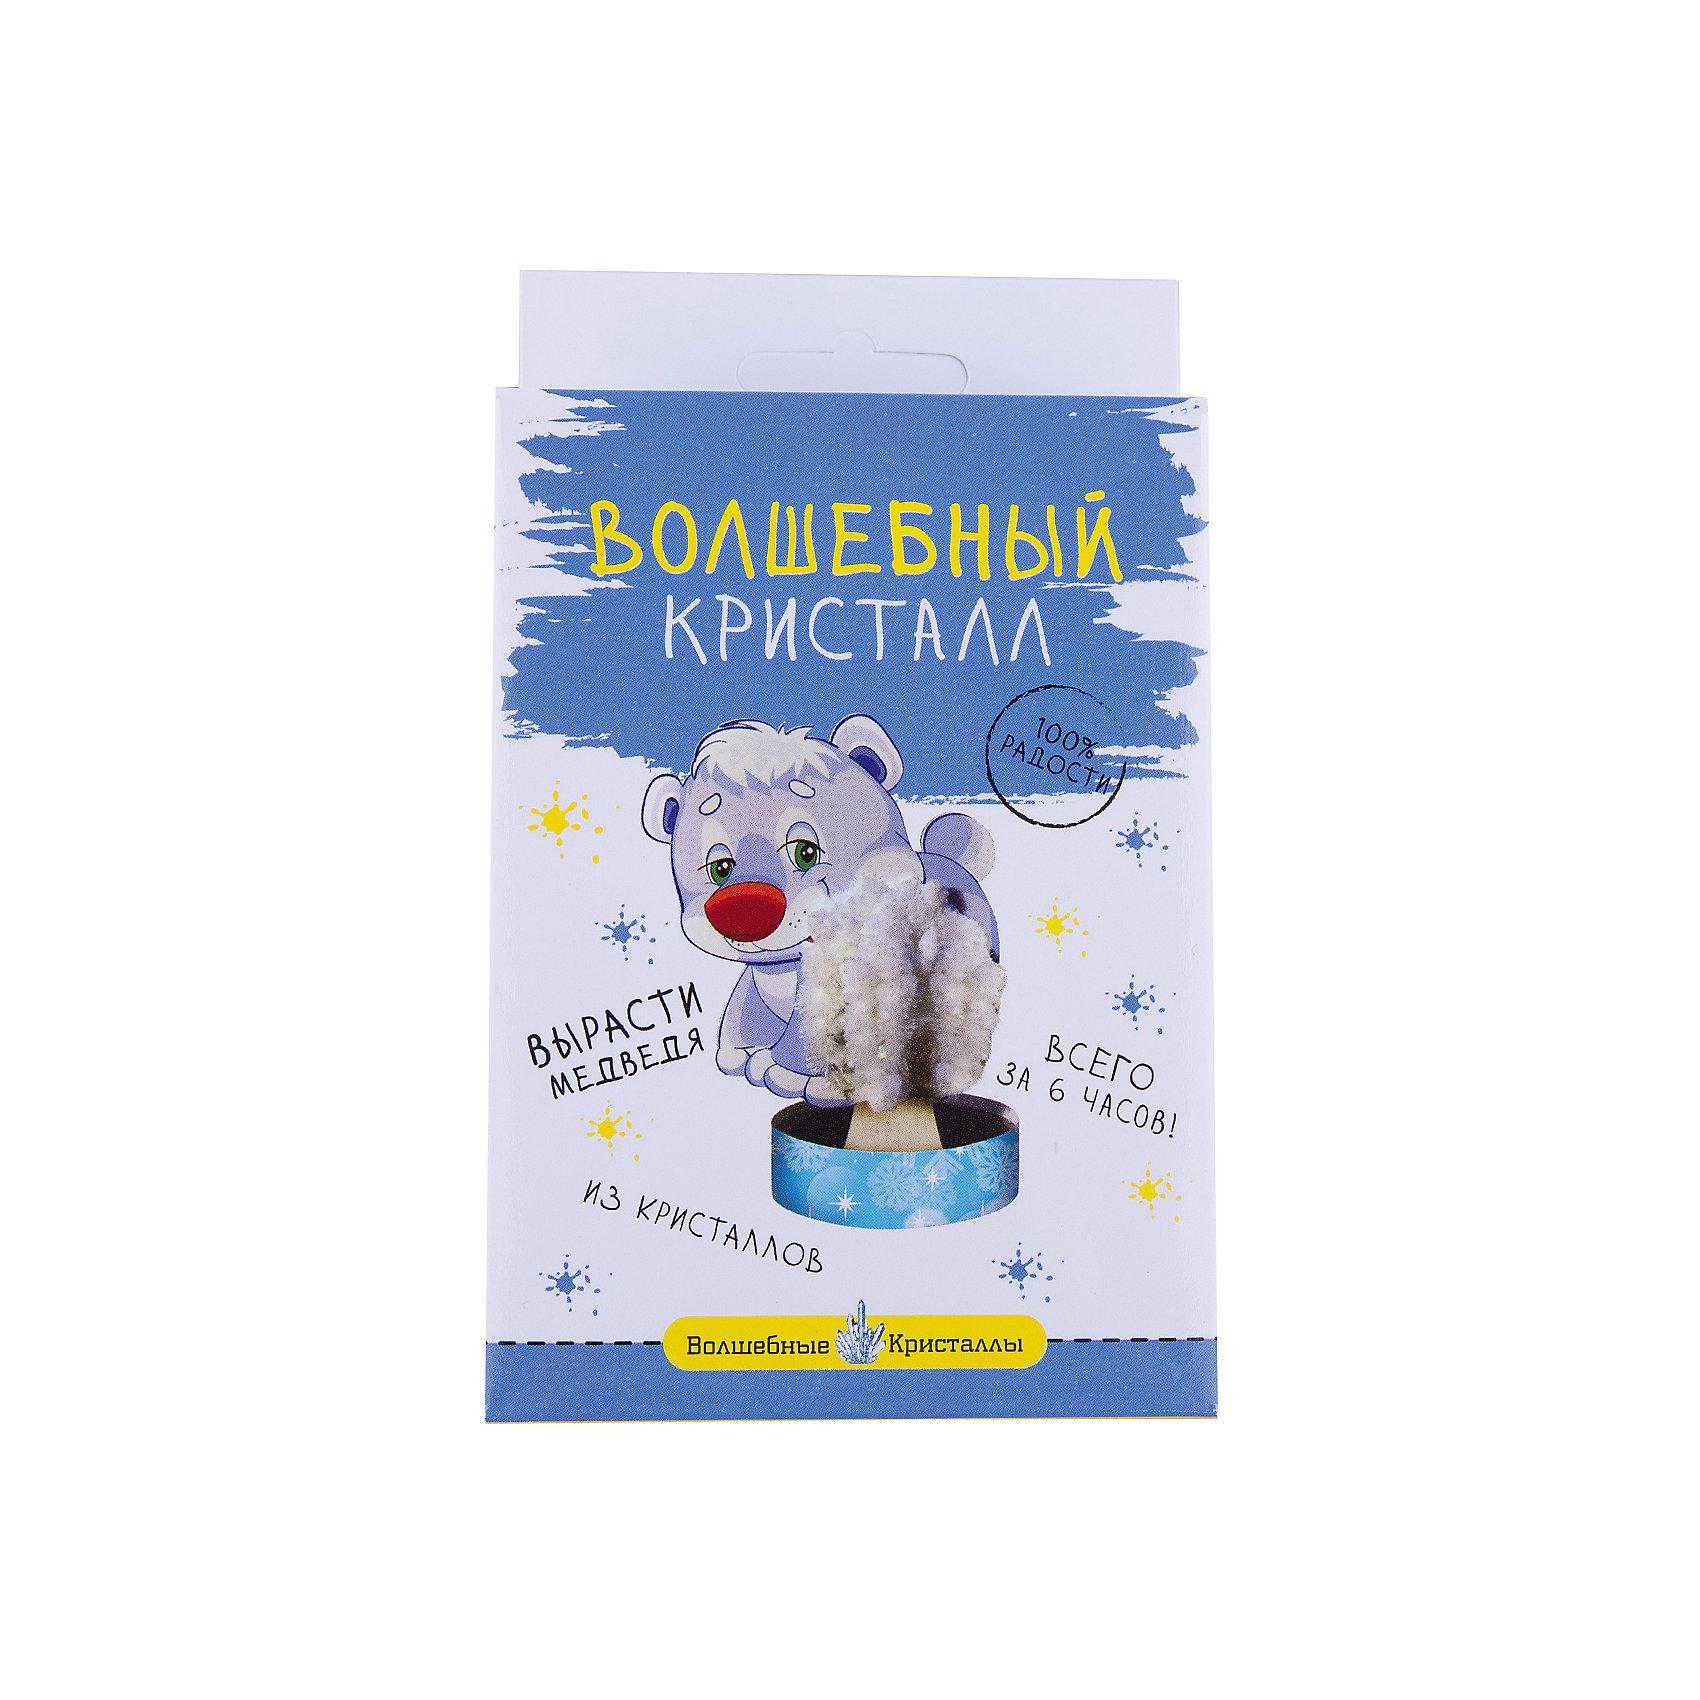 Волшебные кристаллы Белый мишка БумбарамКристаллы<br>Волшебные кристаллы Мишка белый, Бумбарам<br><br>Характеристики:<br><br>• вы можете вырастить льдину для мишки не выходя из дома<br>• набор прост в использовании<br>• безопасен для детей<br>• готовая поделка уже через 6 часов<br>• размер упаковки: 16,5х10х3 см<br>• вес: 50 грамм<br>• в комплекте: основа, подставка из пластика, специальный раствор, инструкция<br>• материалы: реактив, бумага, пластик, картон<br>• готовую поделку рекомендуется покрыть лаком<br><br>Создать белого медведя на льдине очень просто. Установите медвежонка и основу на подставку, добавьте специальный раствор - через 6 часов мишка со снегом из кристаллов готов. Такой вид творчество хорошо развивает усидчивость и внимательность. Готовой поделкой ребенок с радостью украсит свою комнату или оставит ее в подарок друзьям.<br><br>Волшебные кристаллы Мишка белый, Бумбарам вы можете купить в нашем интернет-магазине.<br><br>Ширина мм: 170<br>Глубина мм: 100<br>Высота мм: 30<br>Вес г: 50<br>Возраст от месяцев: 72<br>Возраст до месяцев: 144<br>Пол: Унисекс<br>Возраст: Детский<br>SKU: 5053929